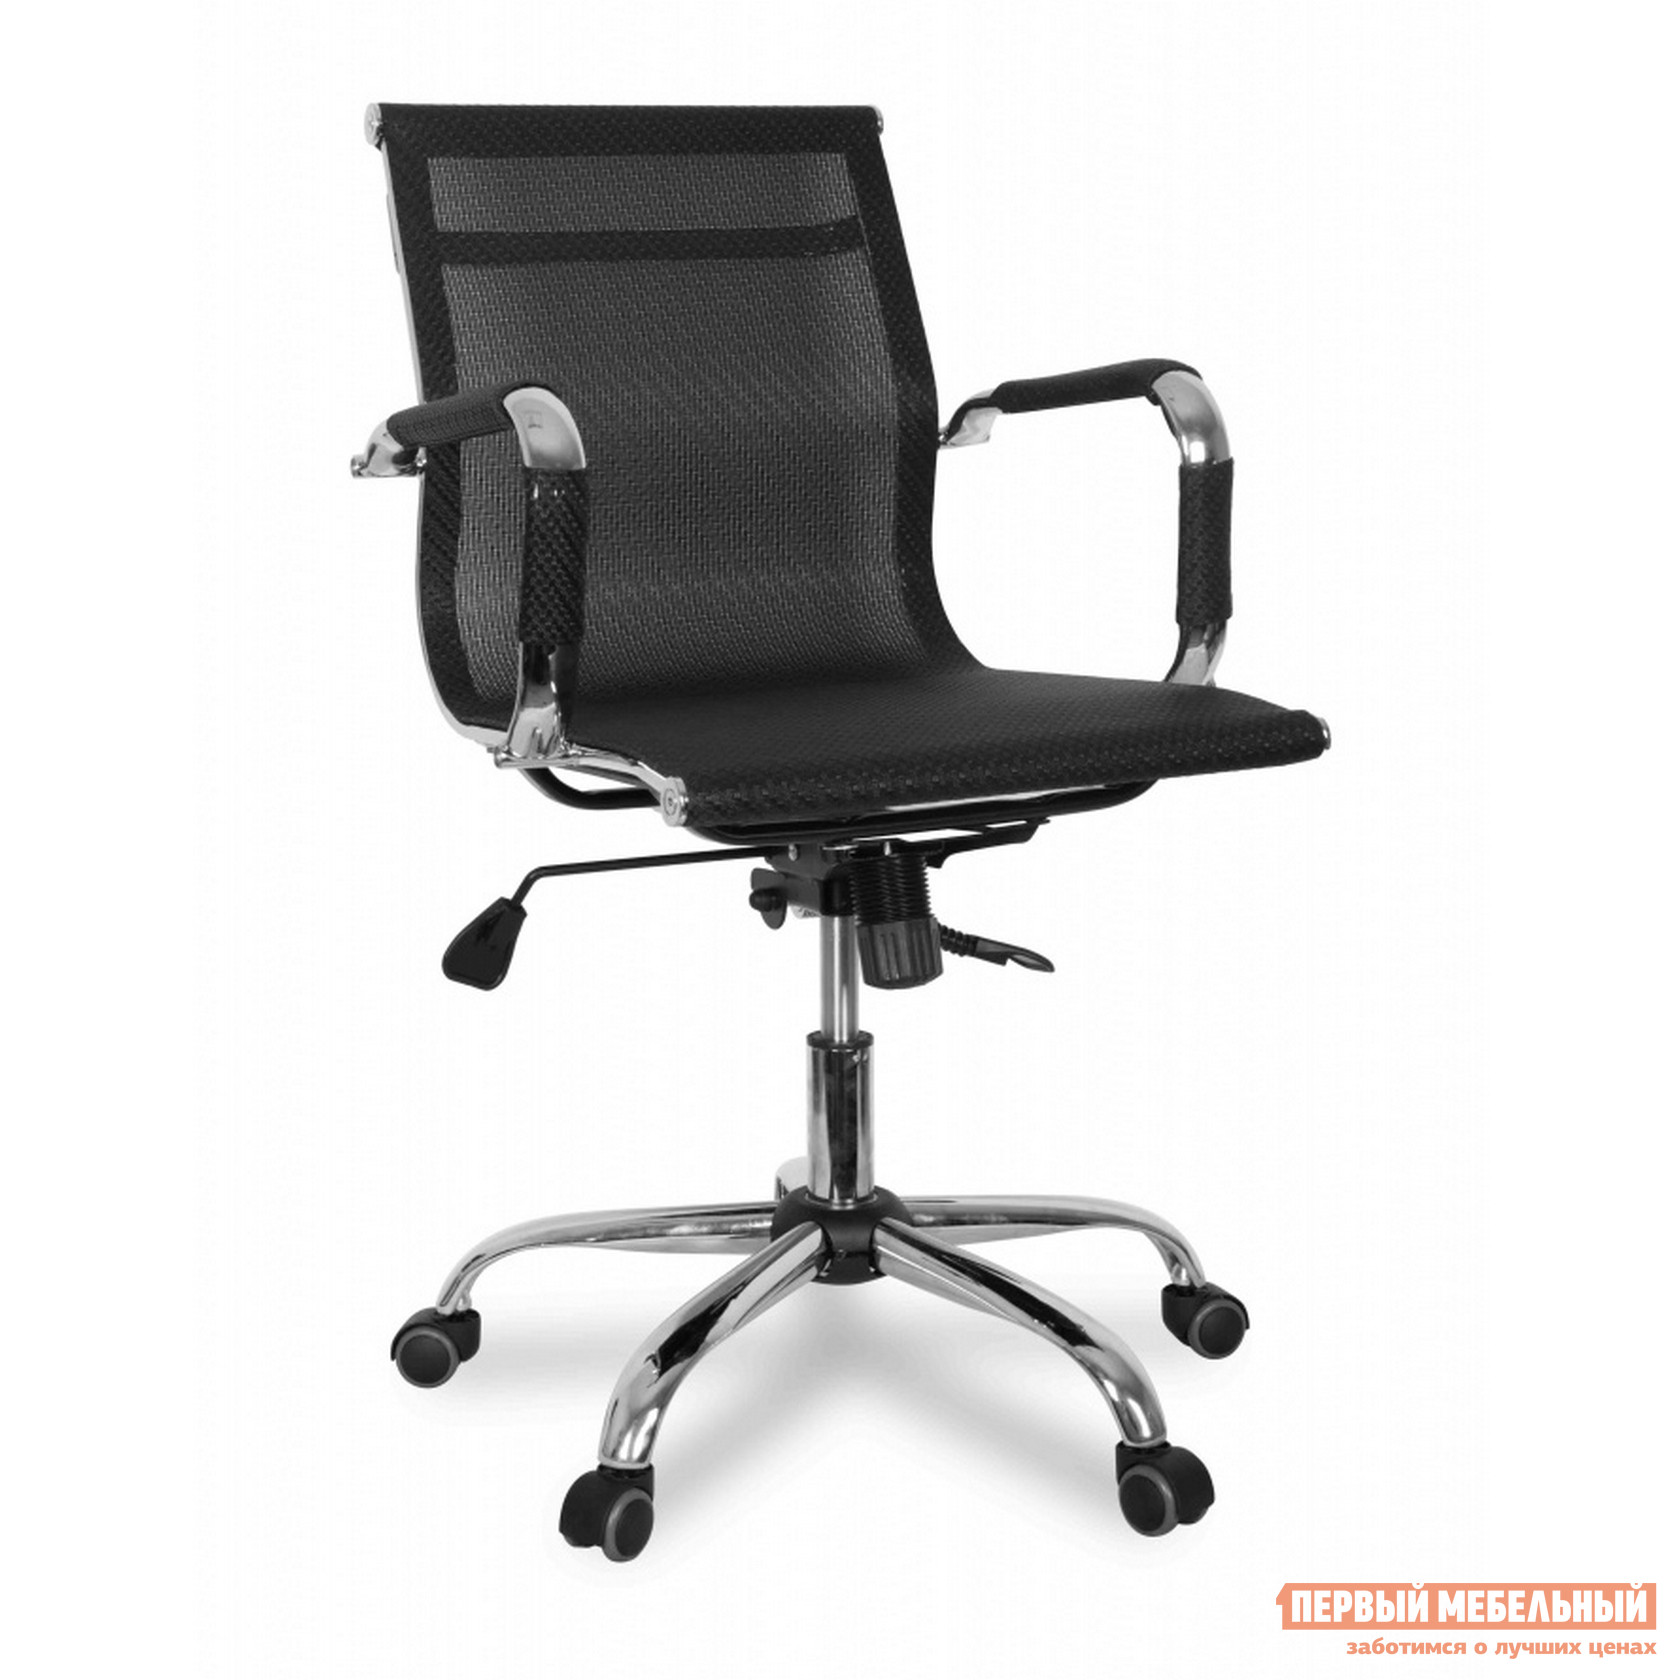 Офисное кресло College Кресло CLG-619 MXH-B Black стоимость